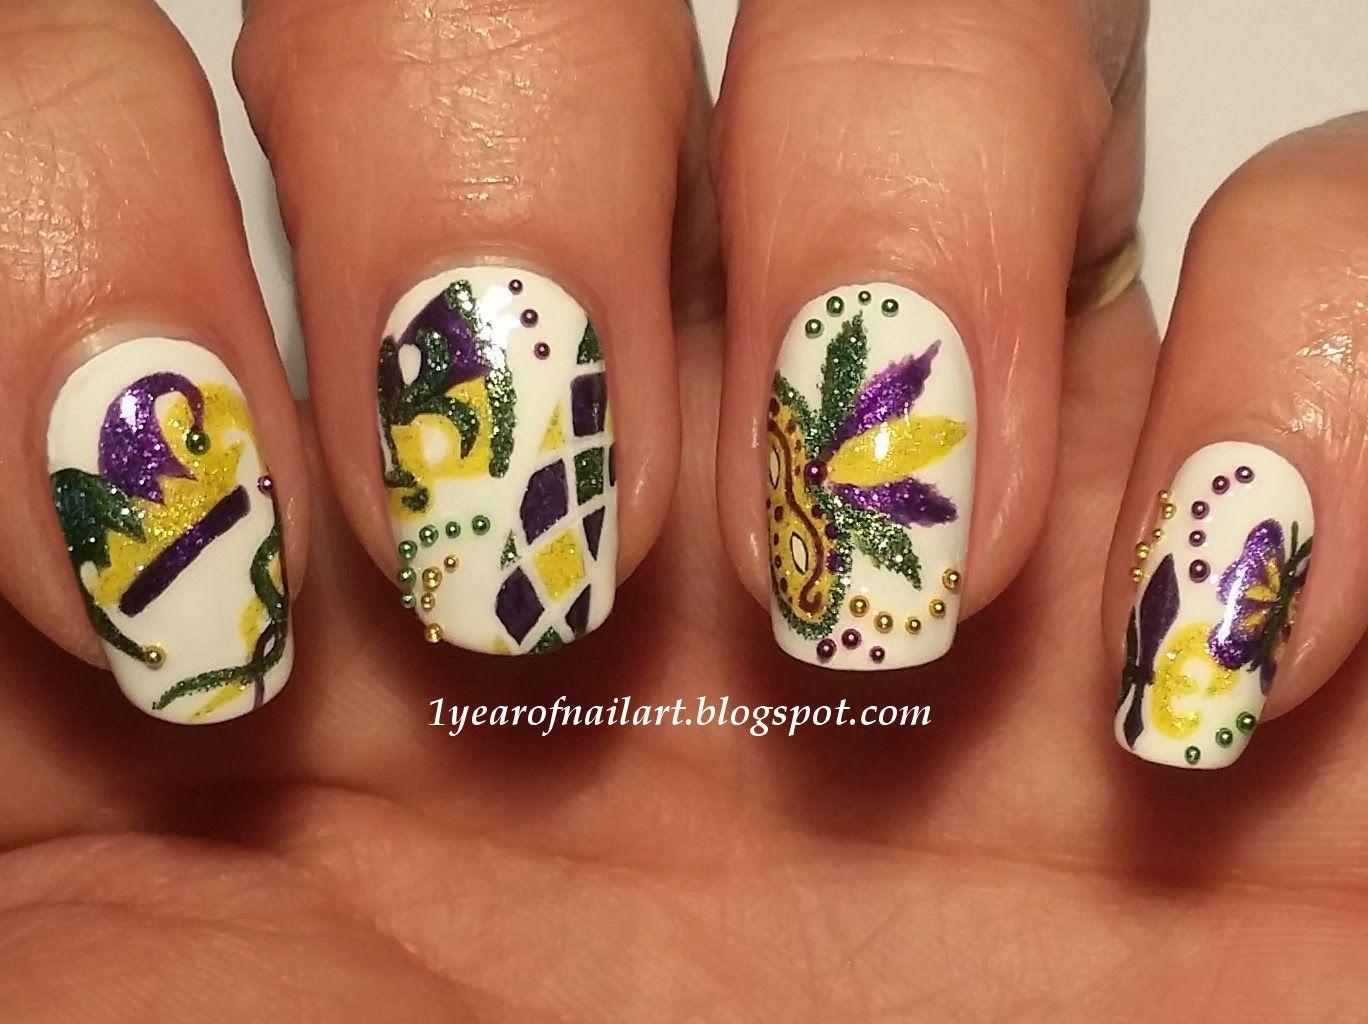 Mardi Gras/Carnival nails | NAILS | Pinterest | Carnival nails ...